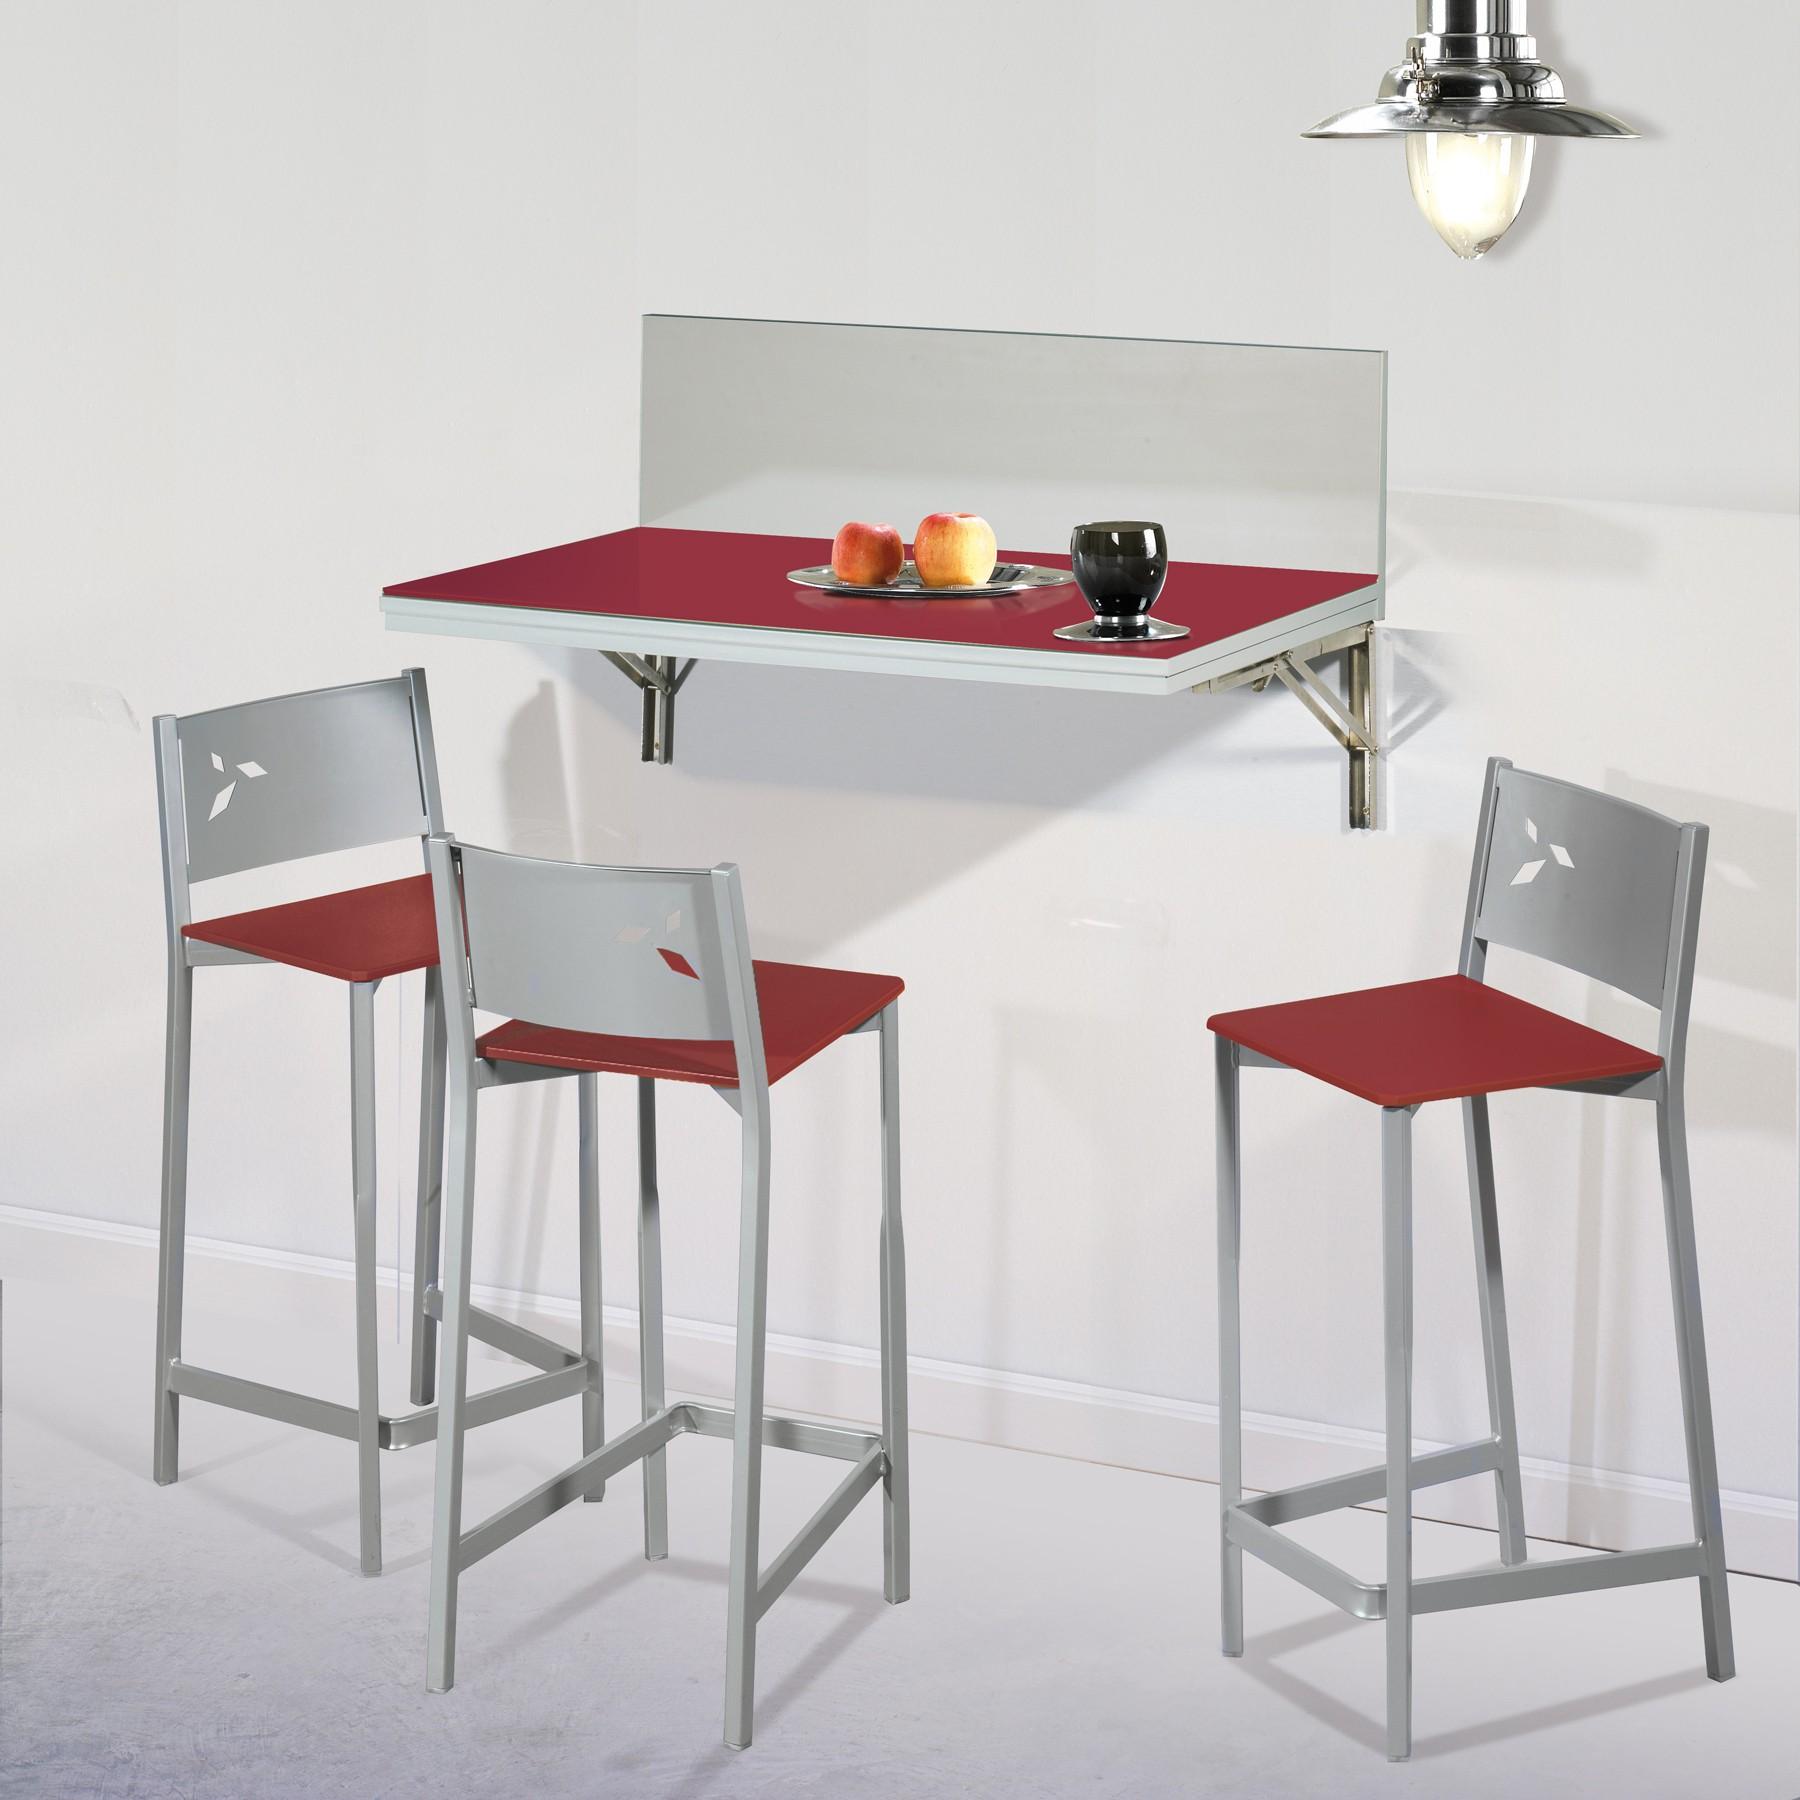 Pack ahorro en mesa de cocina de pared con dos taburetes - Mesa abatible cocina ...